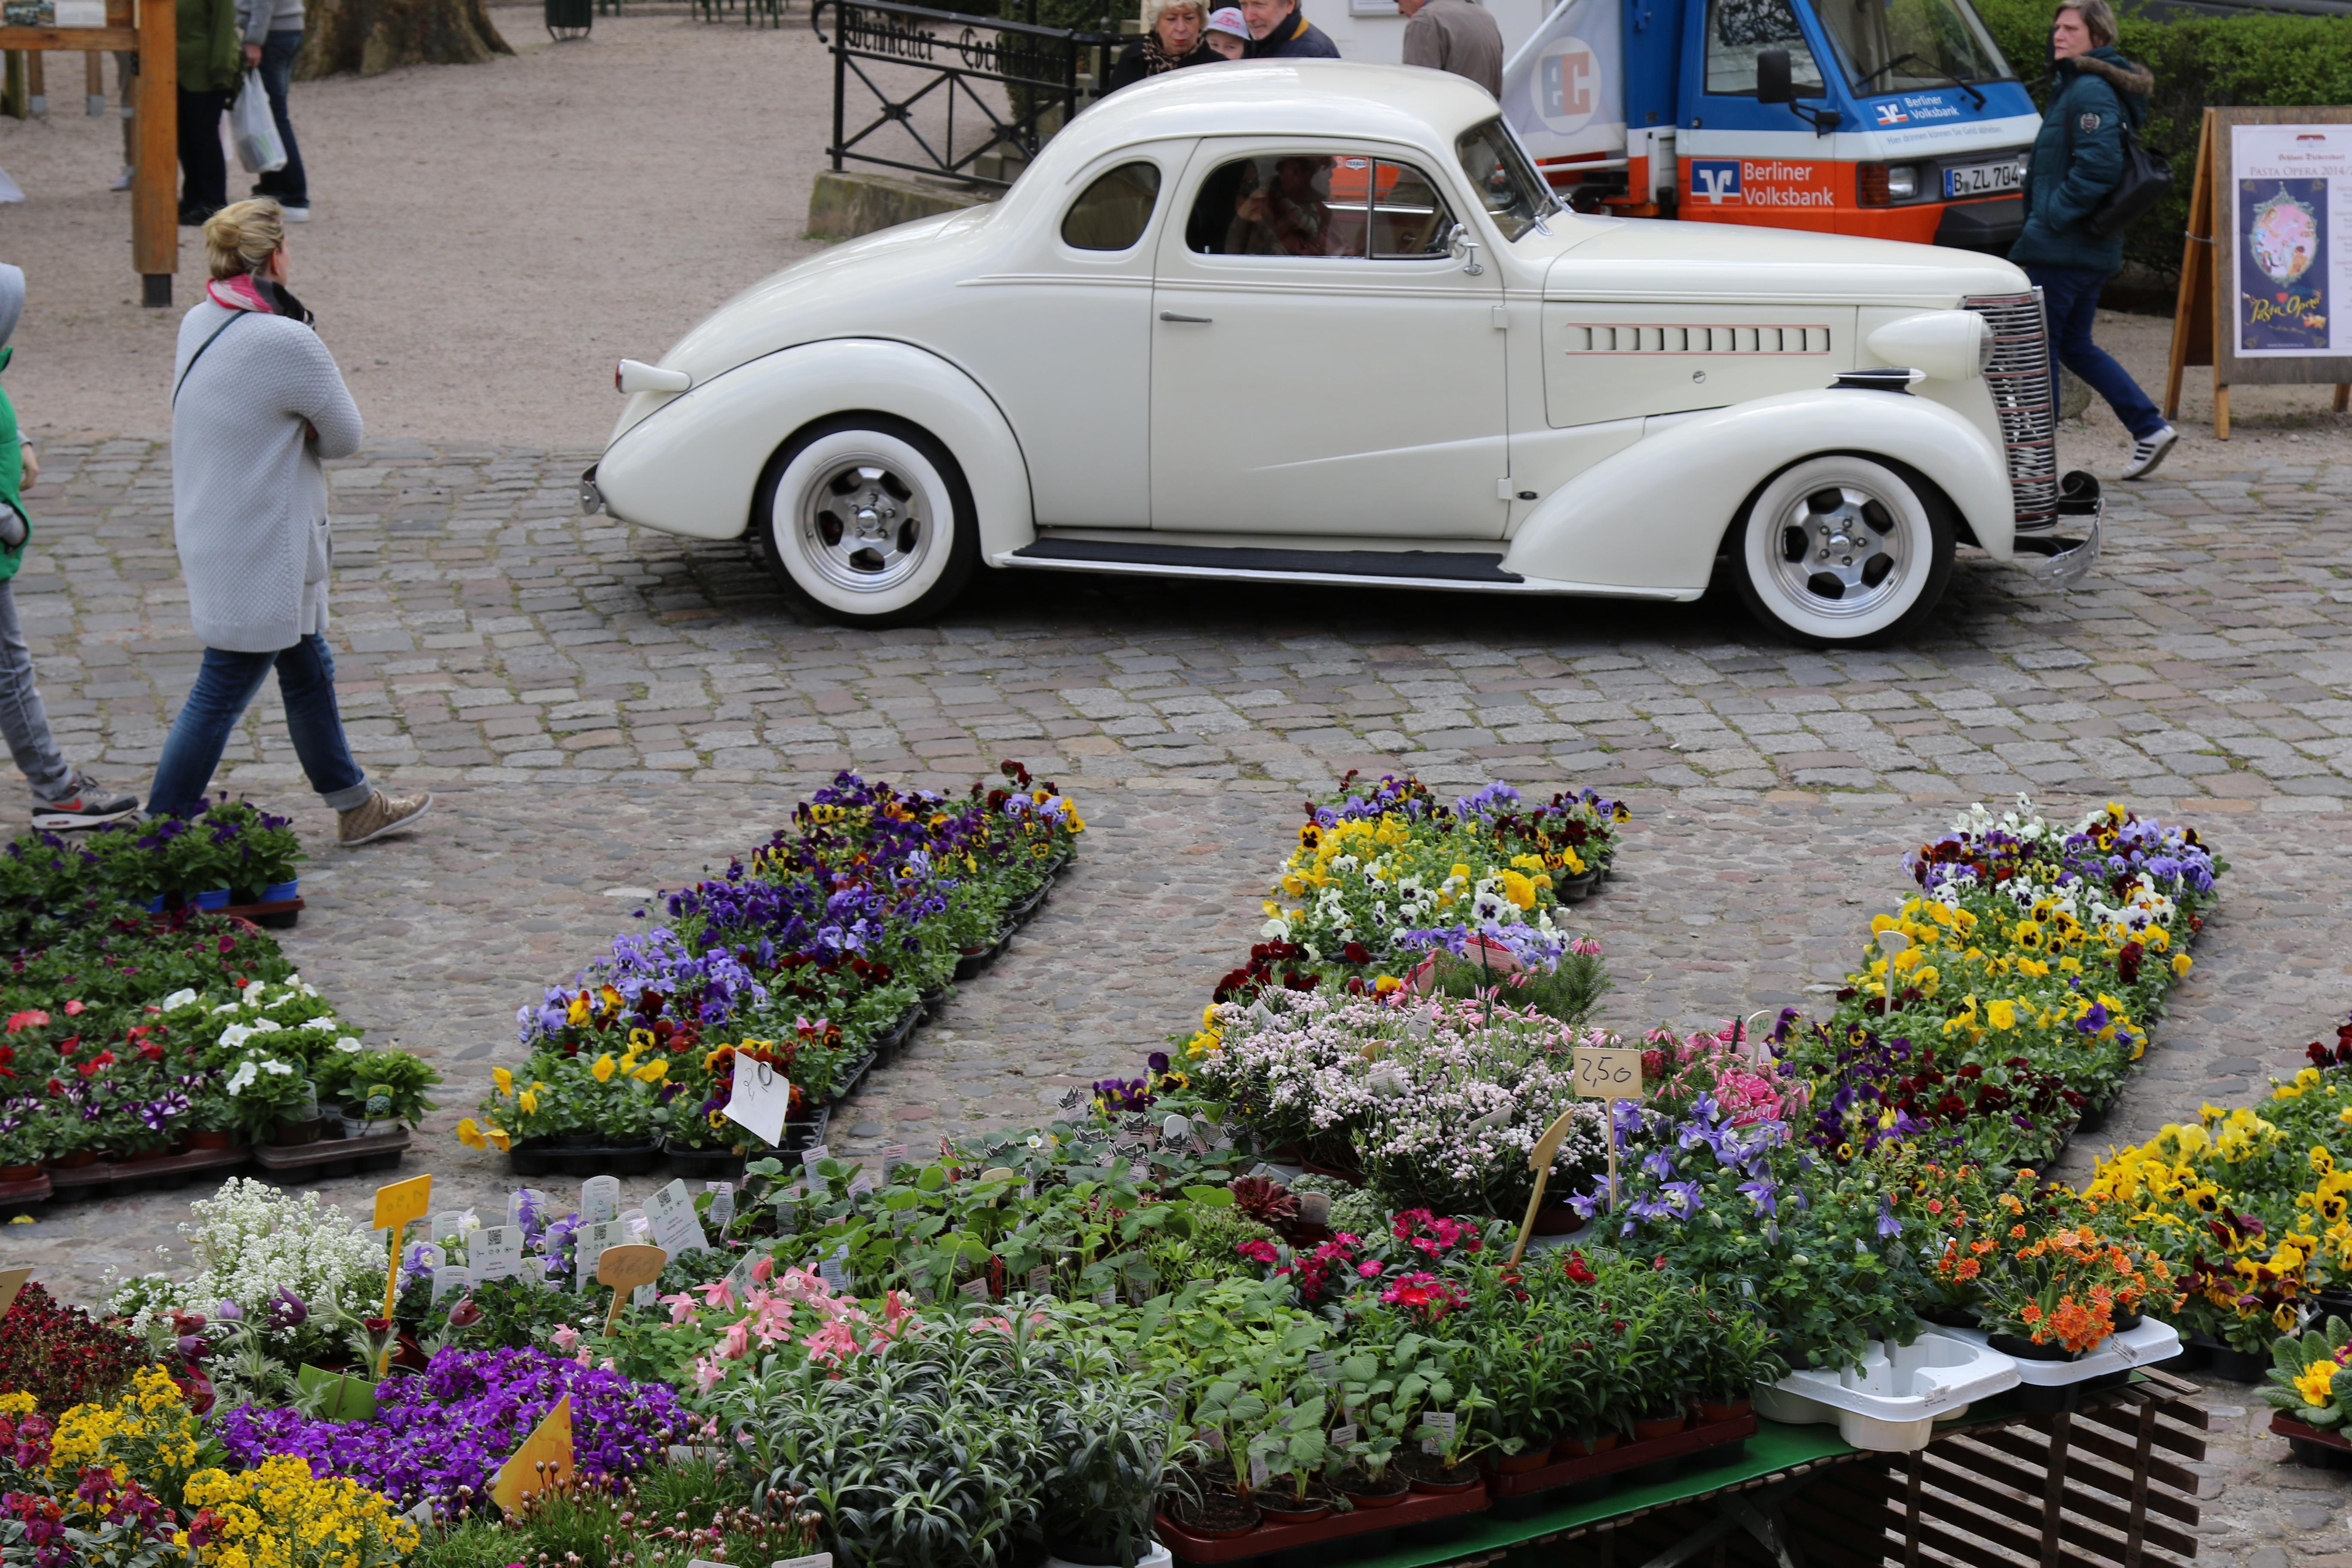 Gartenschau, British Days, Oldtimer